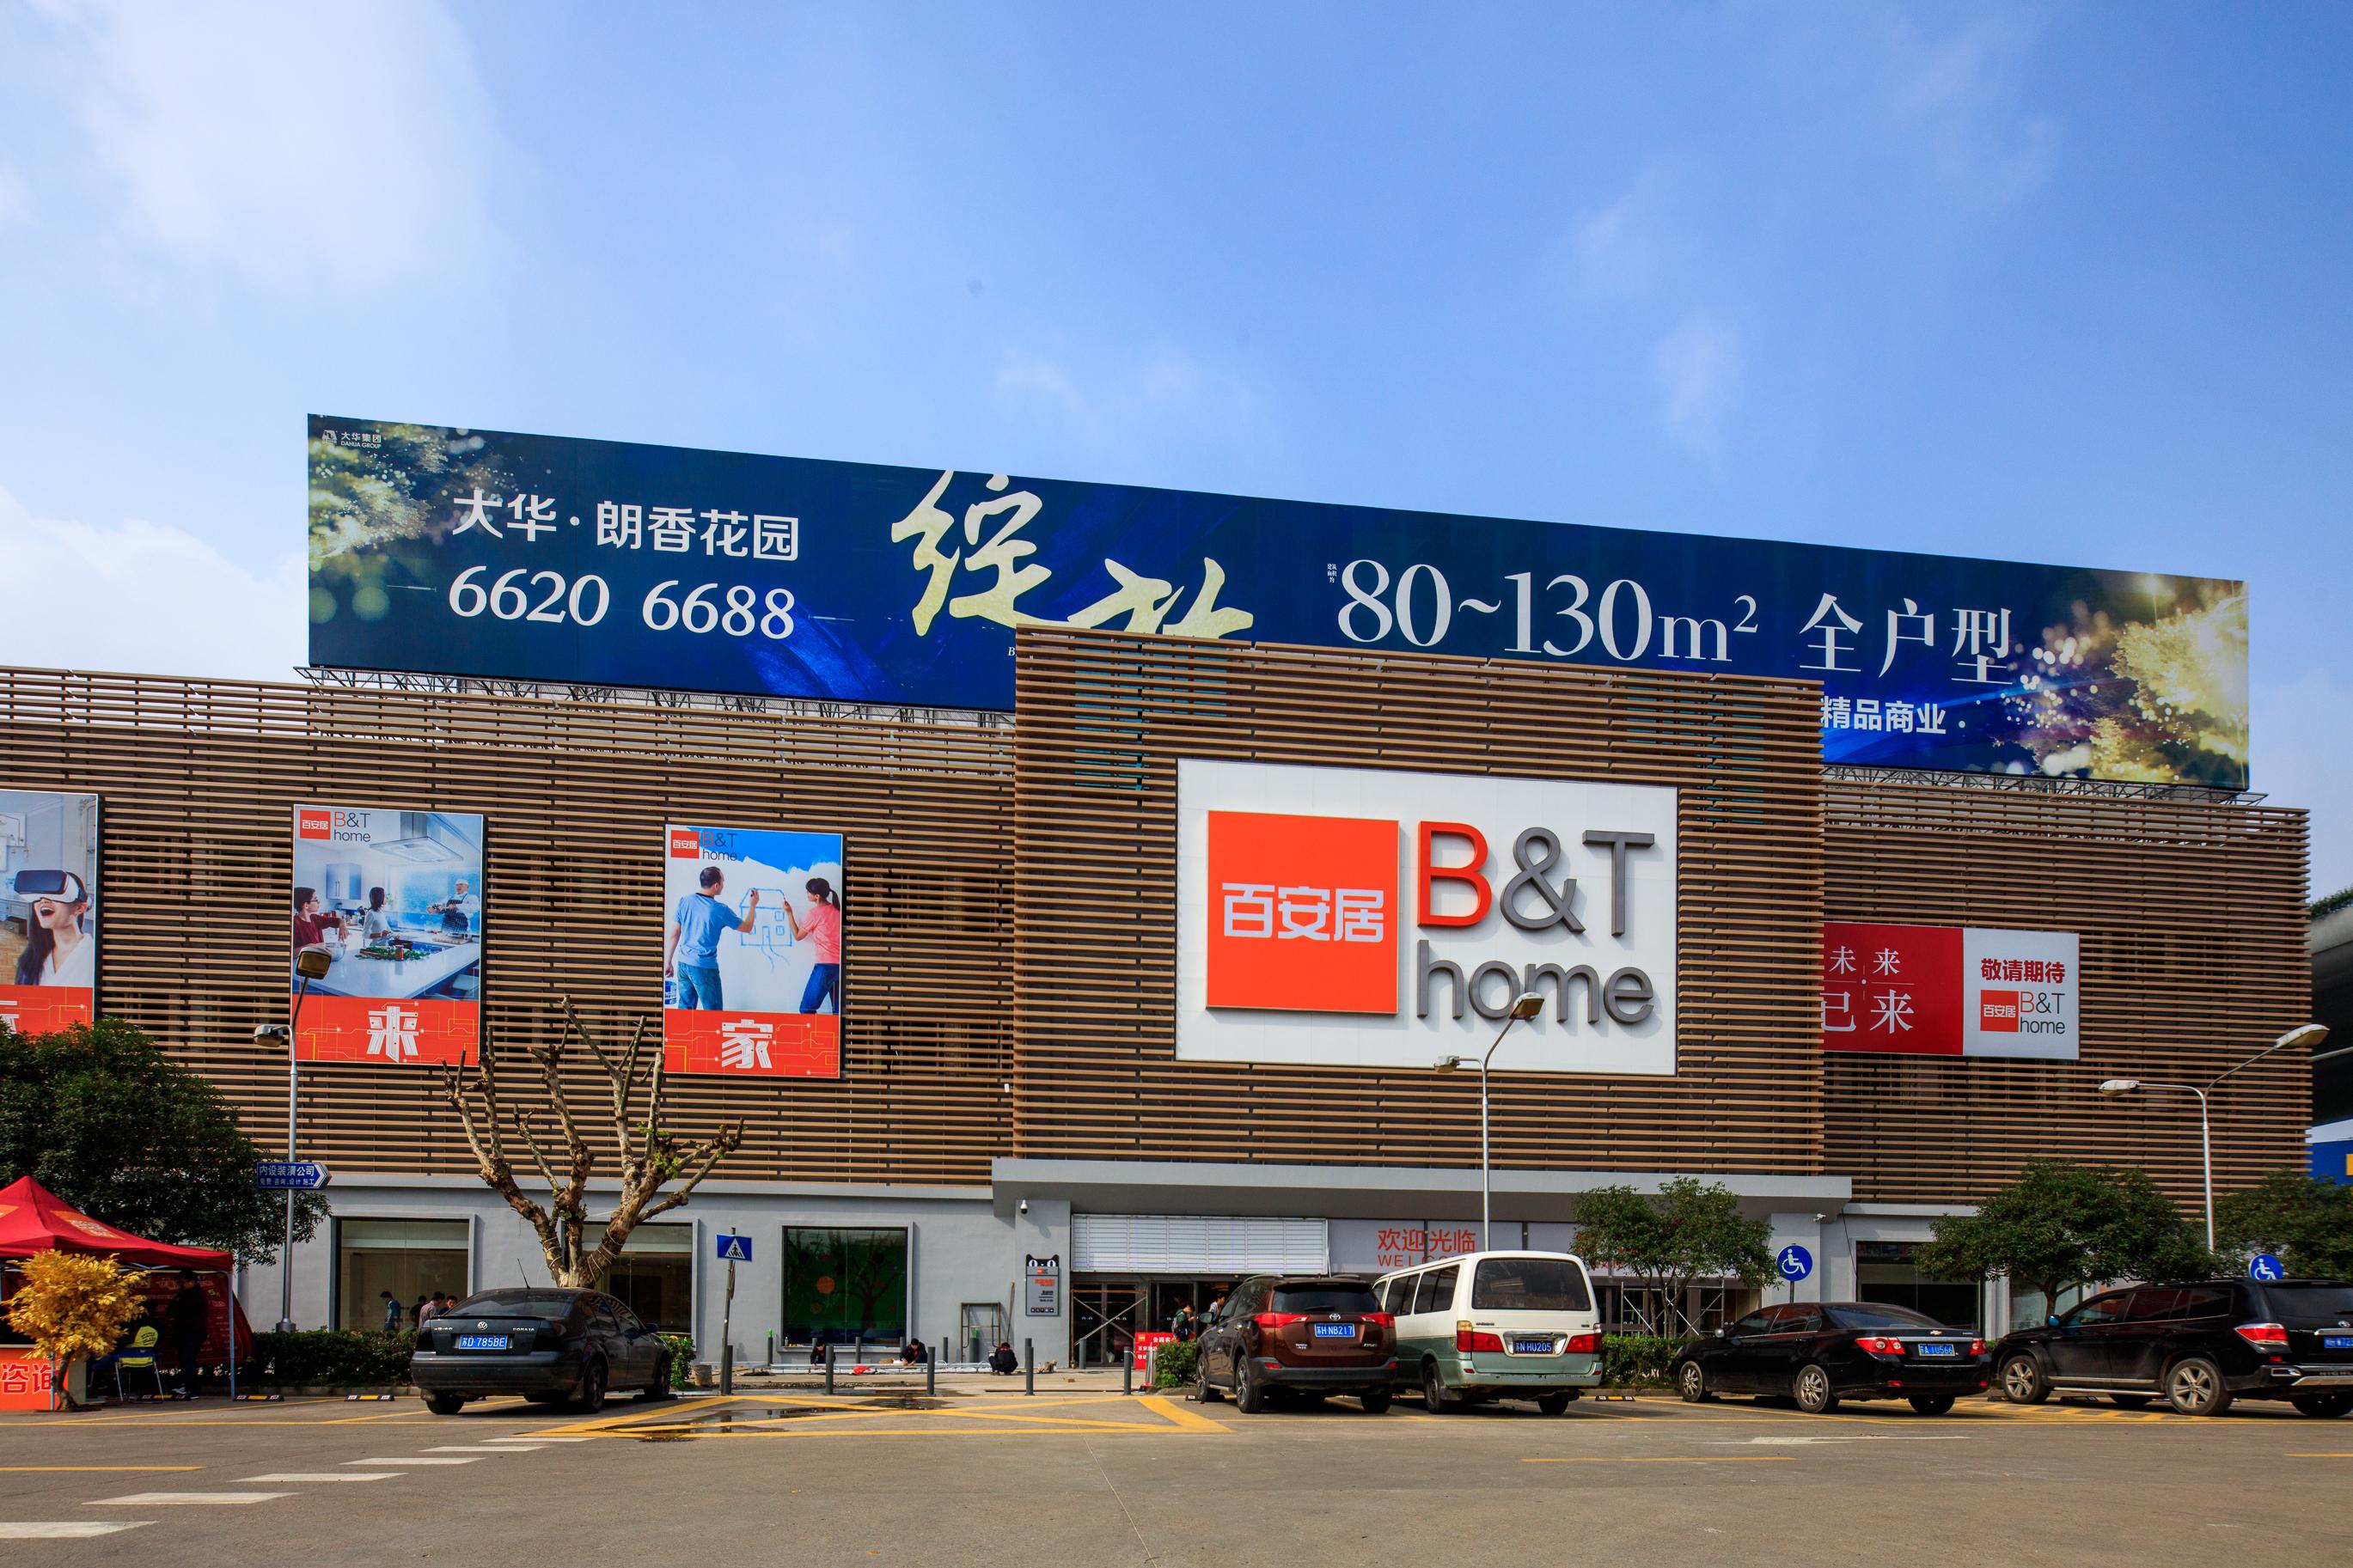 上海沪太店